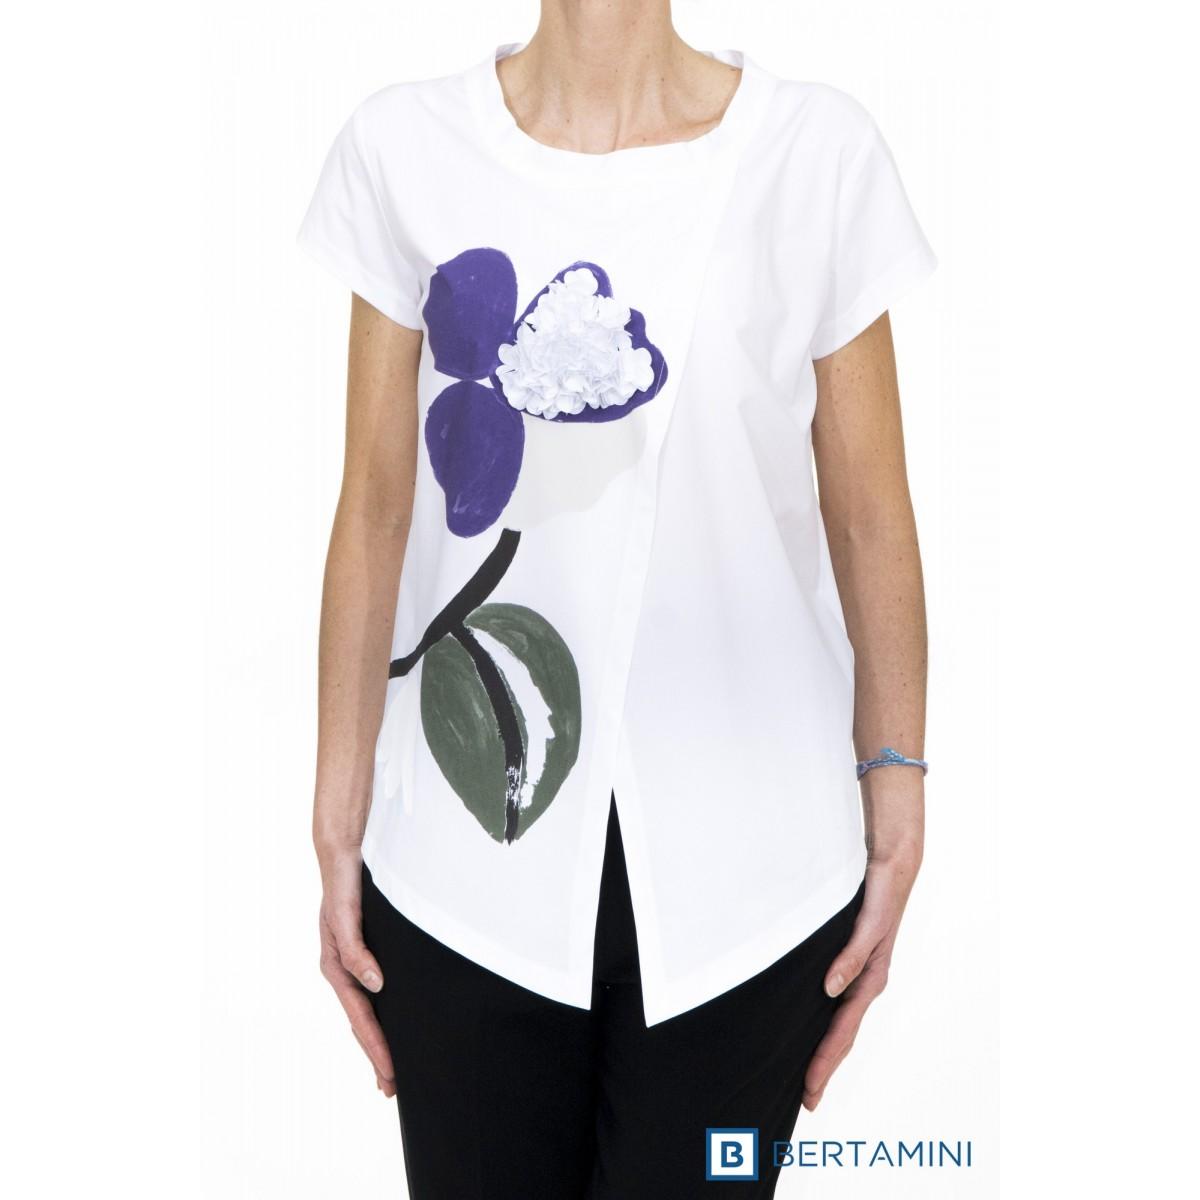 Camicia donna Erika cavallini - semicouture - 042 camicia con fiore